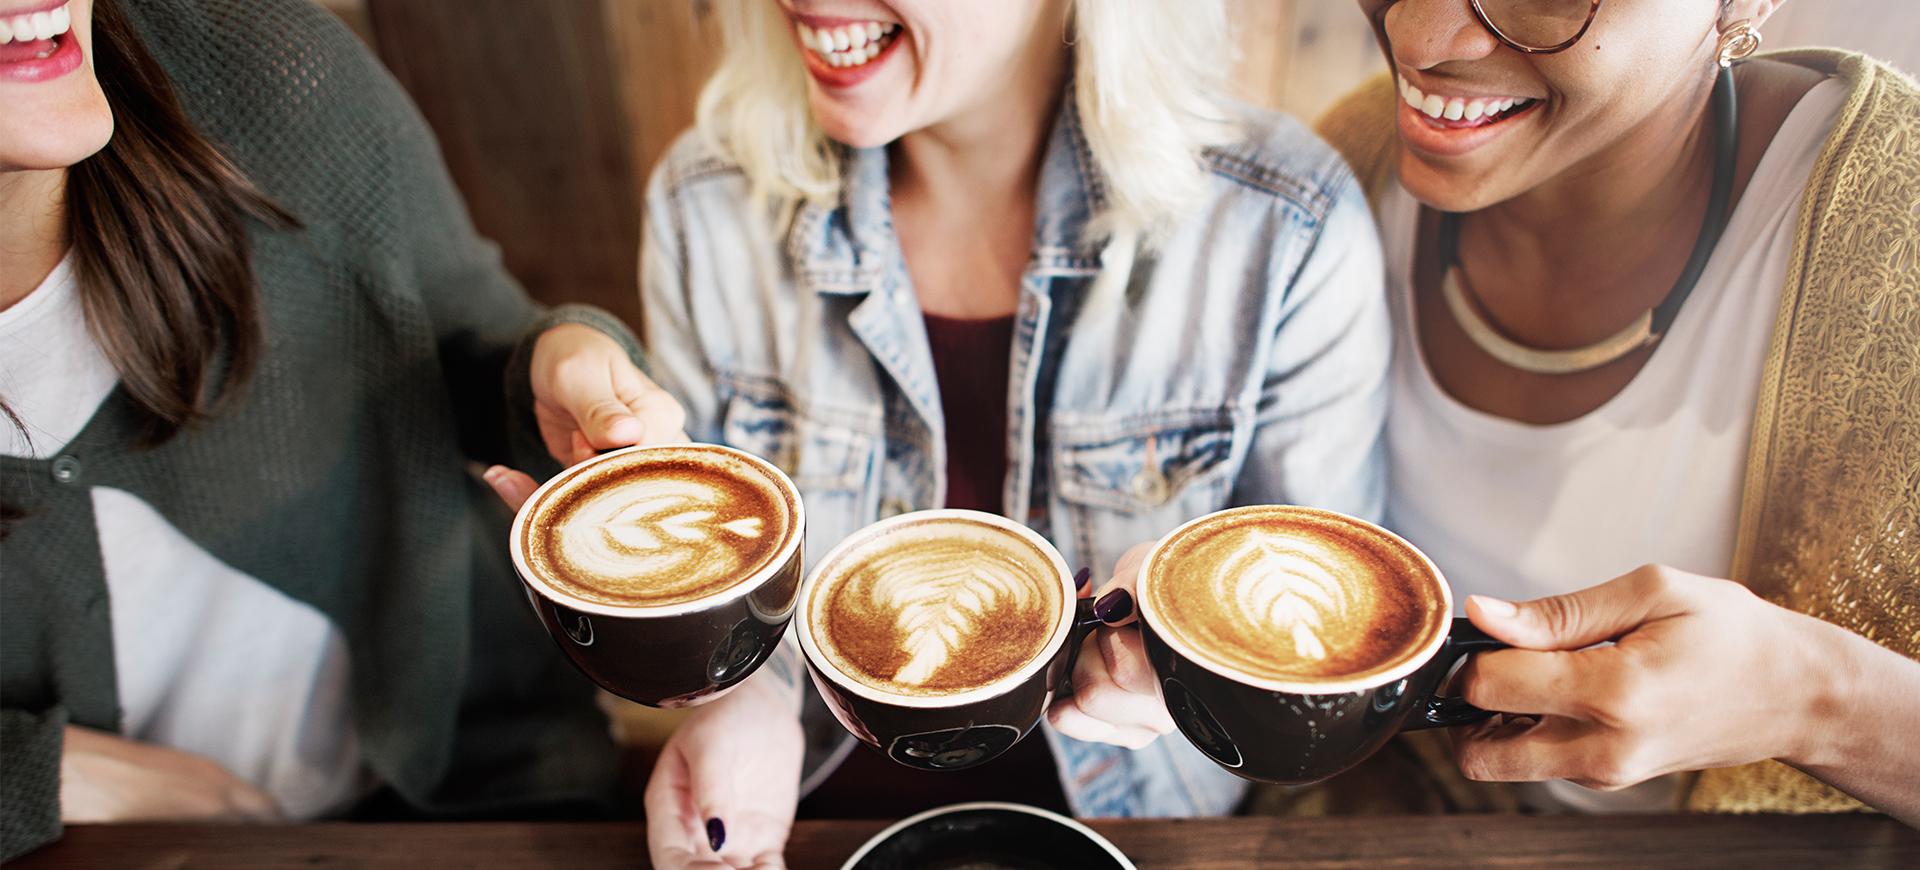 sluta dricka kaffe huvudvärk